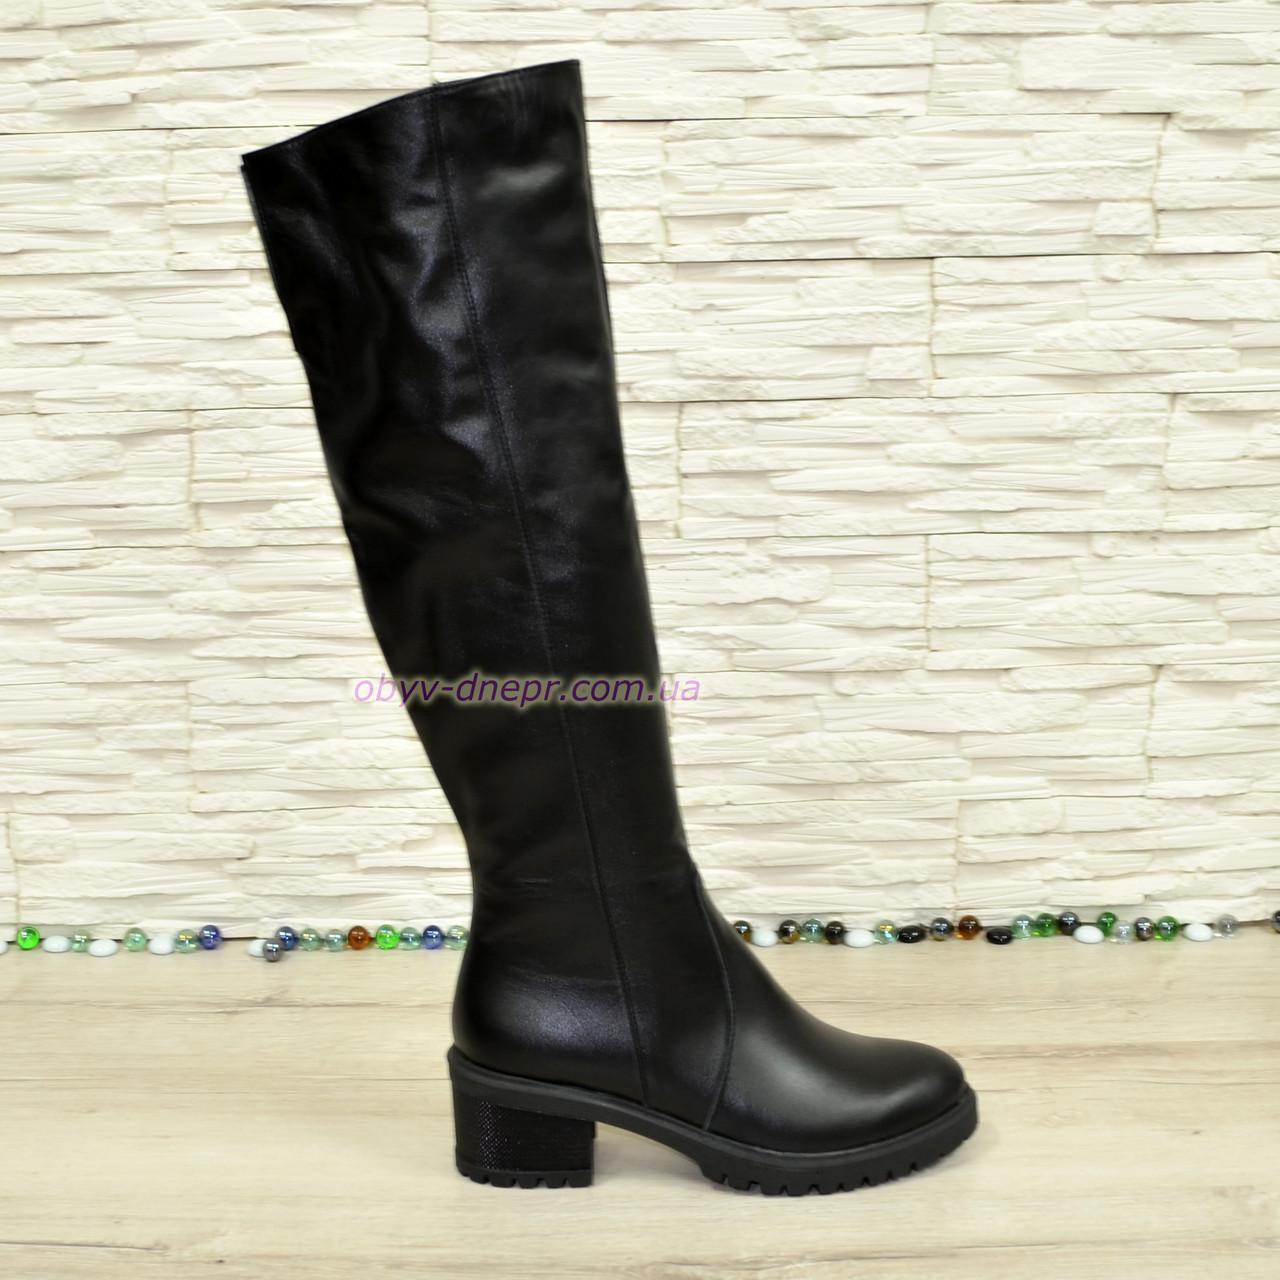 Ботфорты зимние кожаные женские на невысоком каблуке, цвет черный.